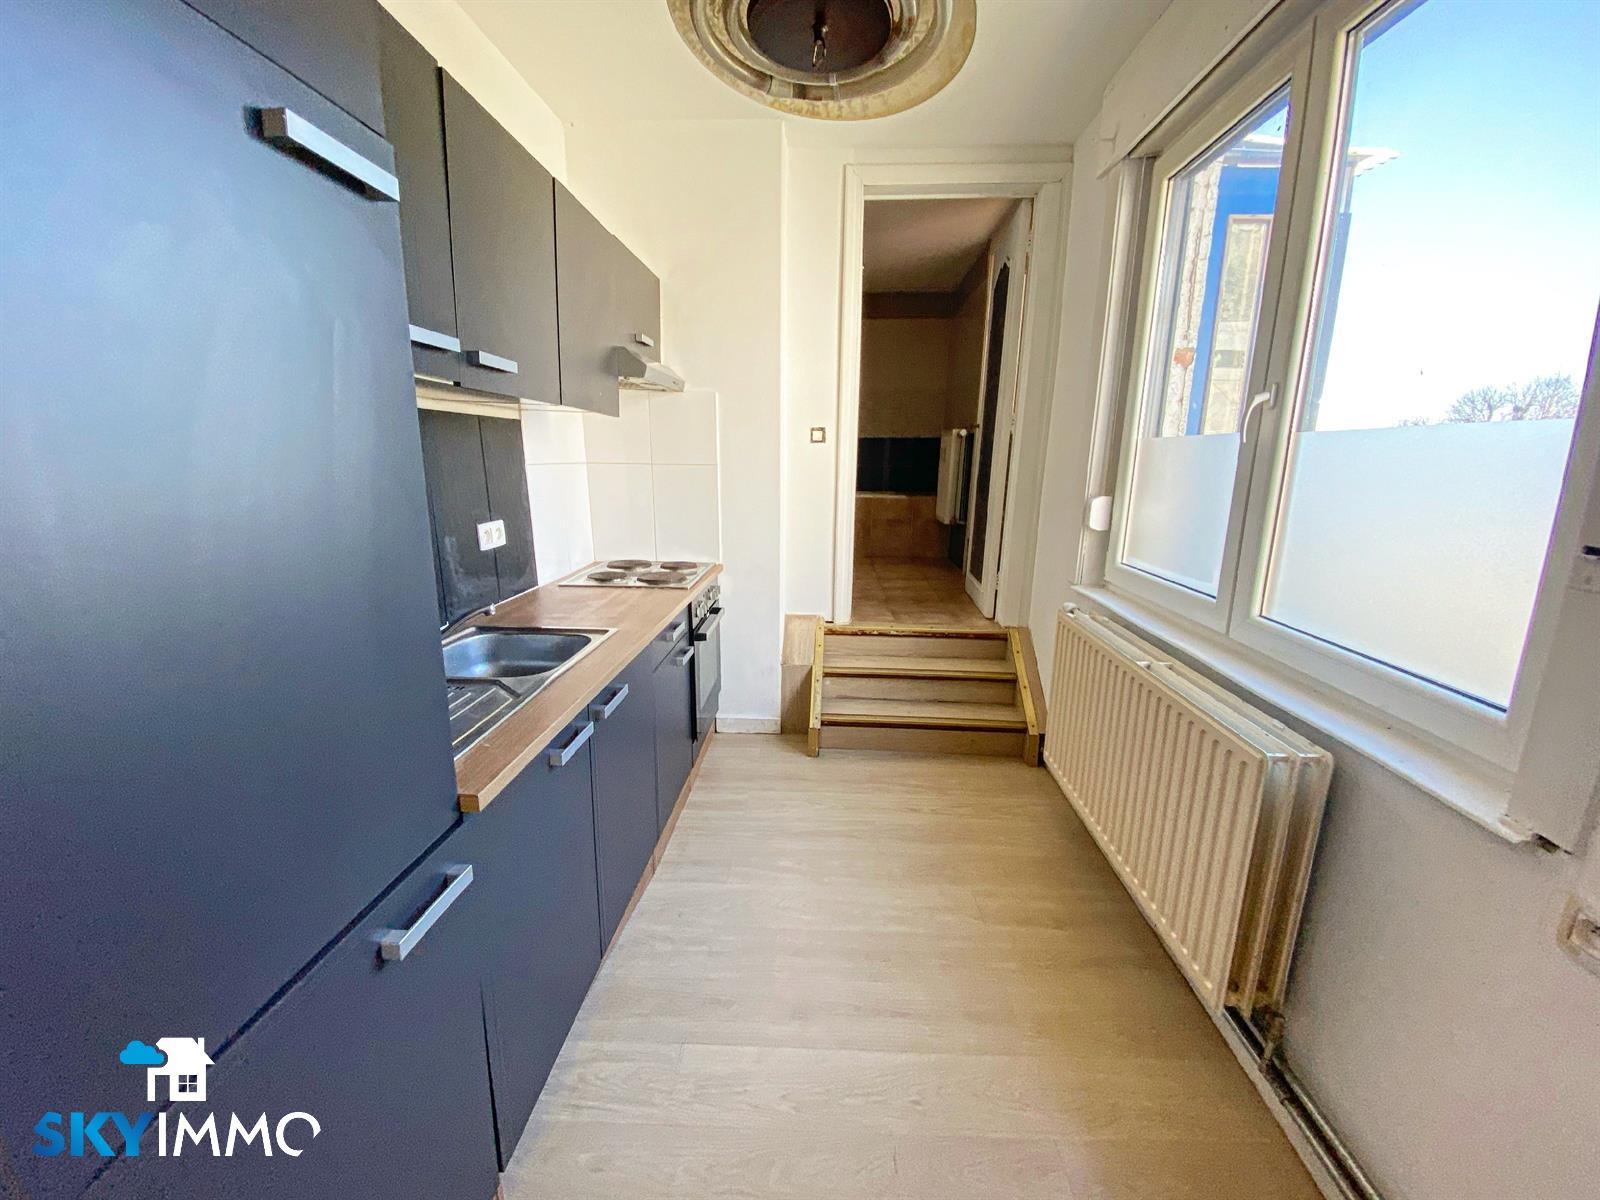 Bel-étage - Flemalle - #4295119-16